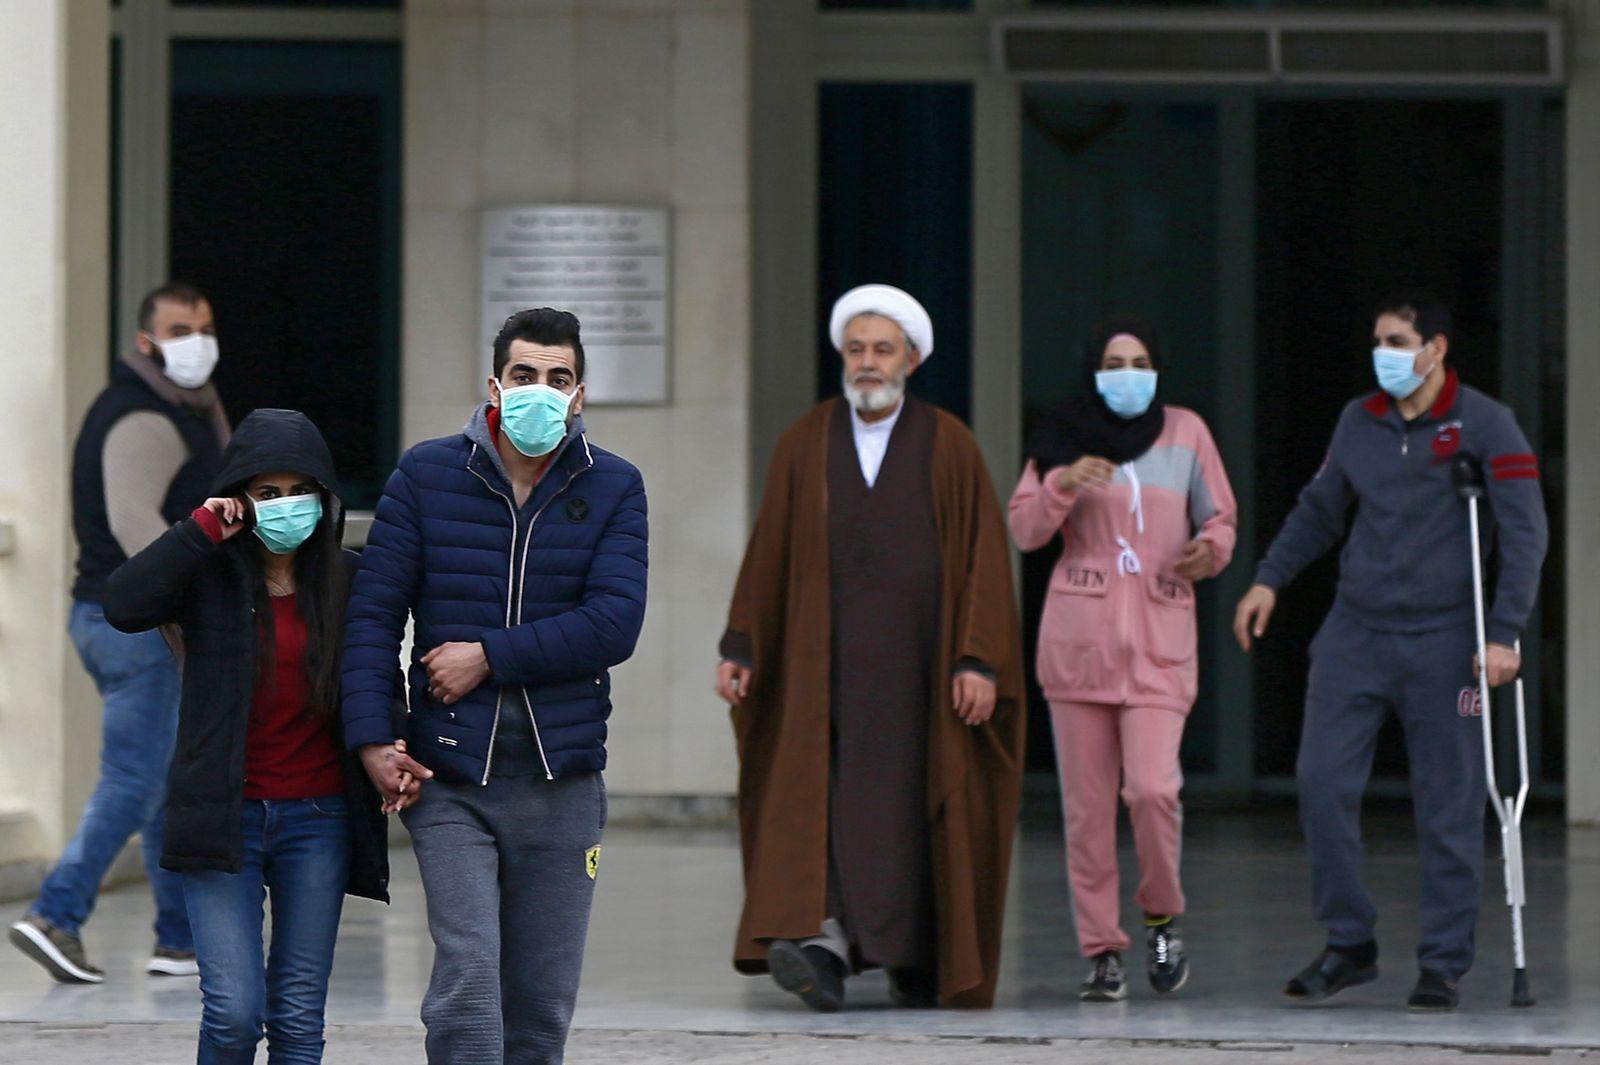 First case of coronavirus confirmed in Lebanon, Beirut - 21 Feb 2020